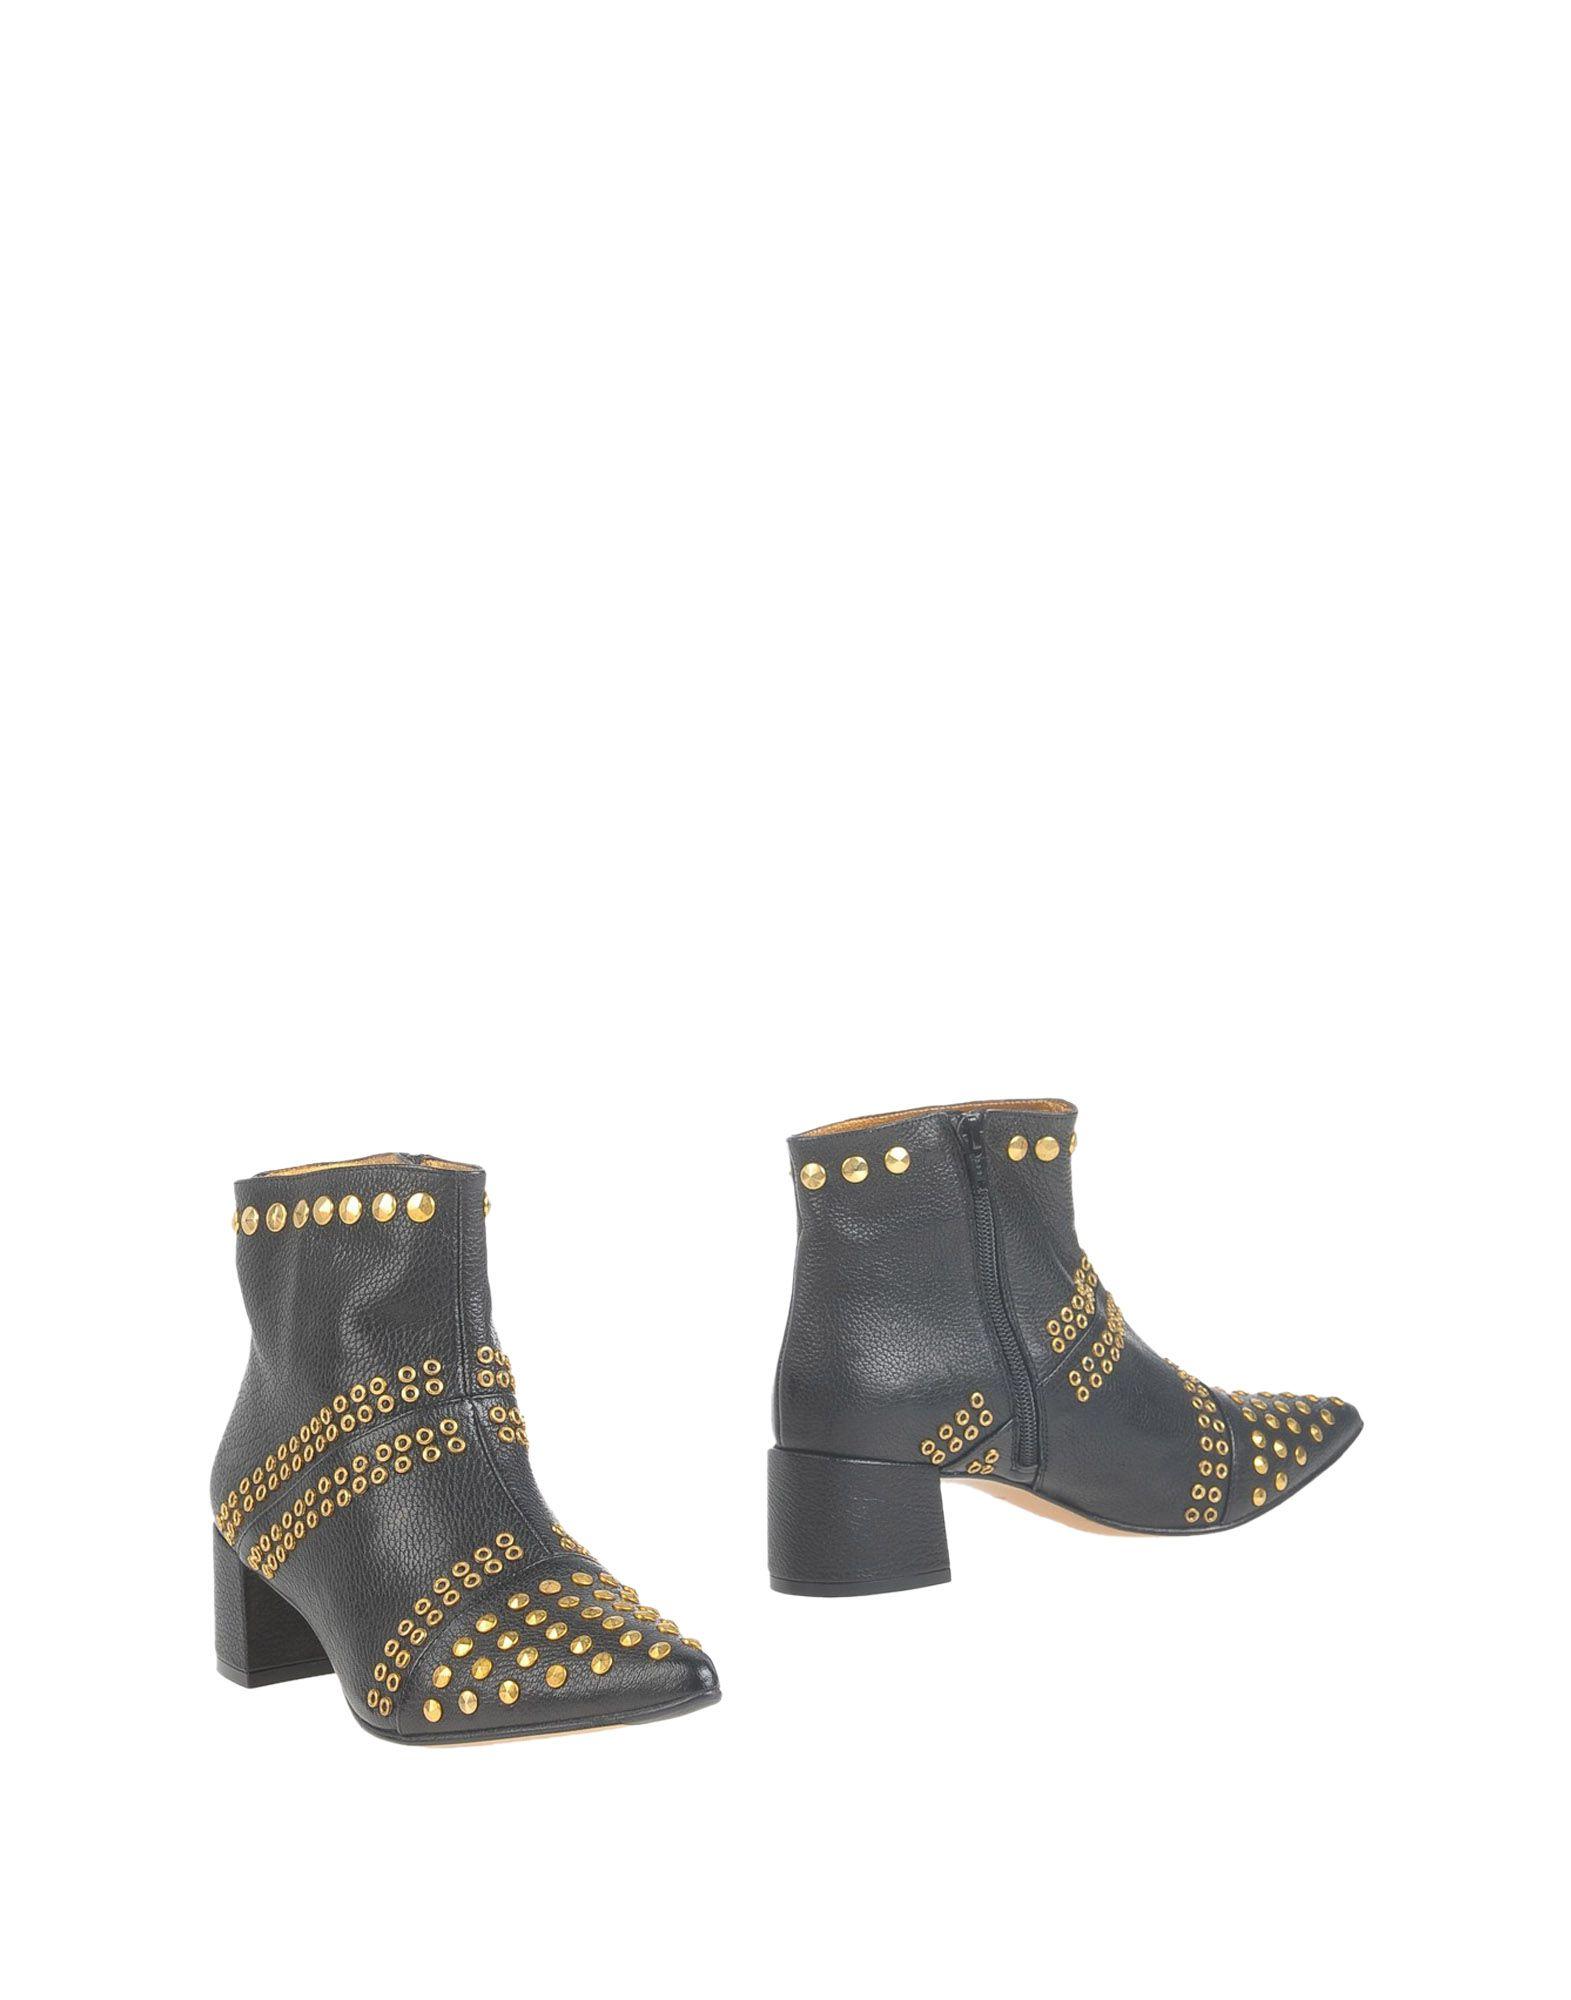 Ras Stiefelette Damen aussehende  11285535FXGut aussehende Damen strapazierfähige Schuhe 3bf8b8